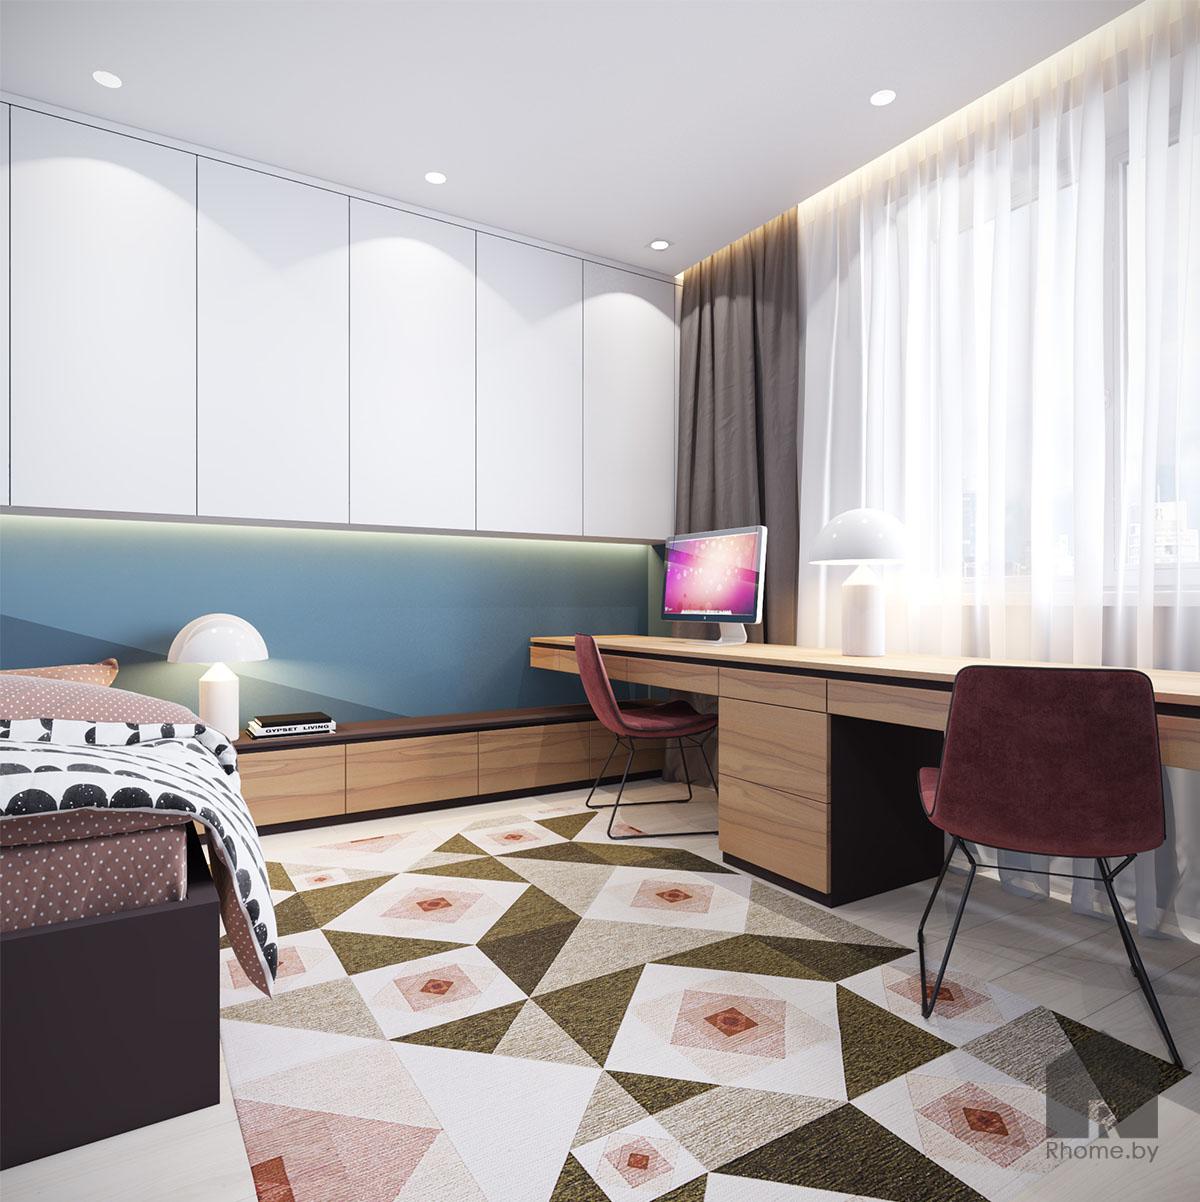 Дизайн интерьера детской комнаты в ЖК «Браславский» | Дизайн студия – Rhome.by